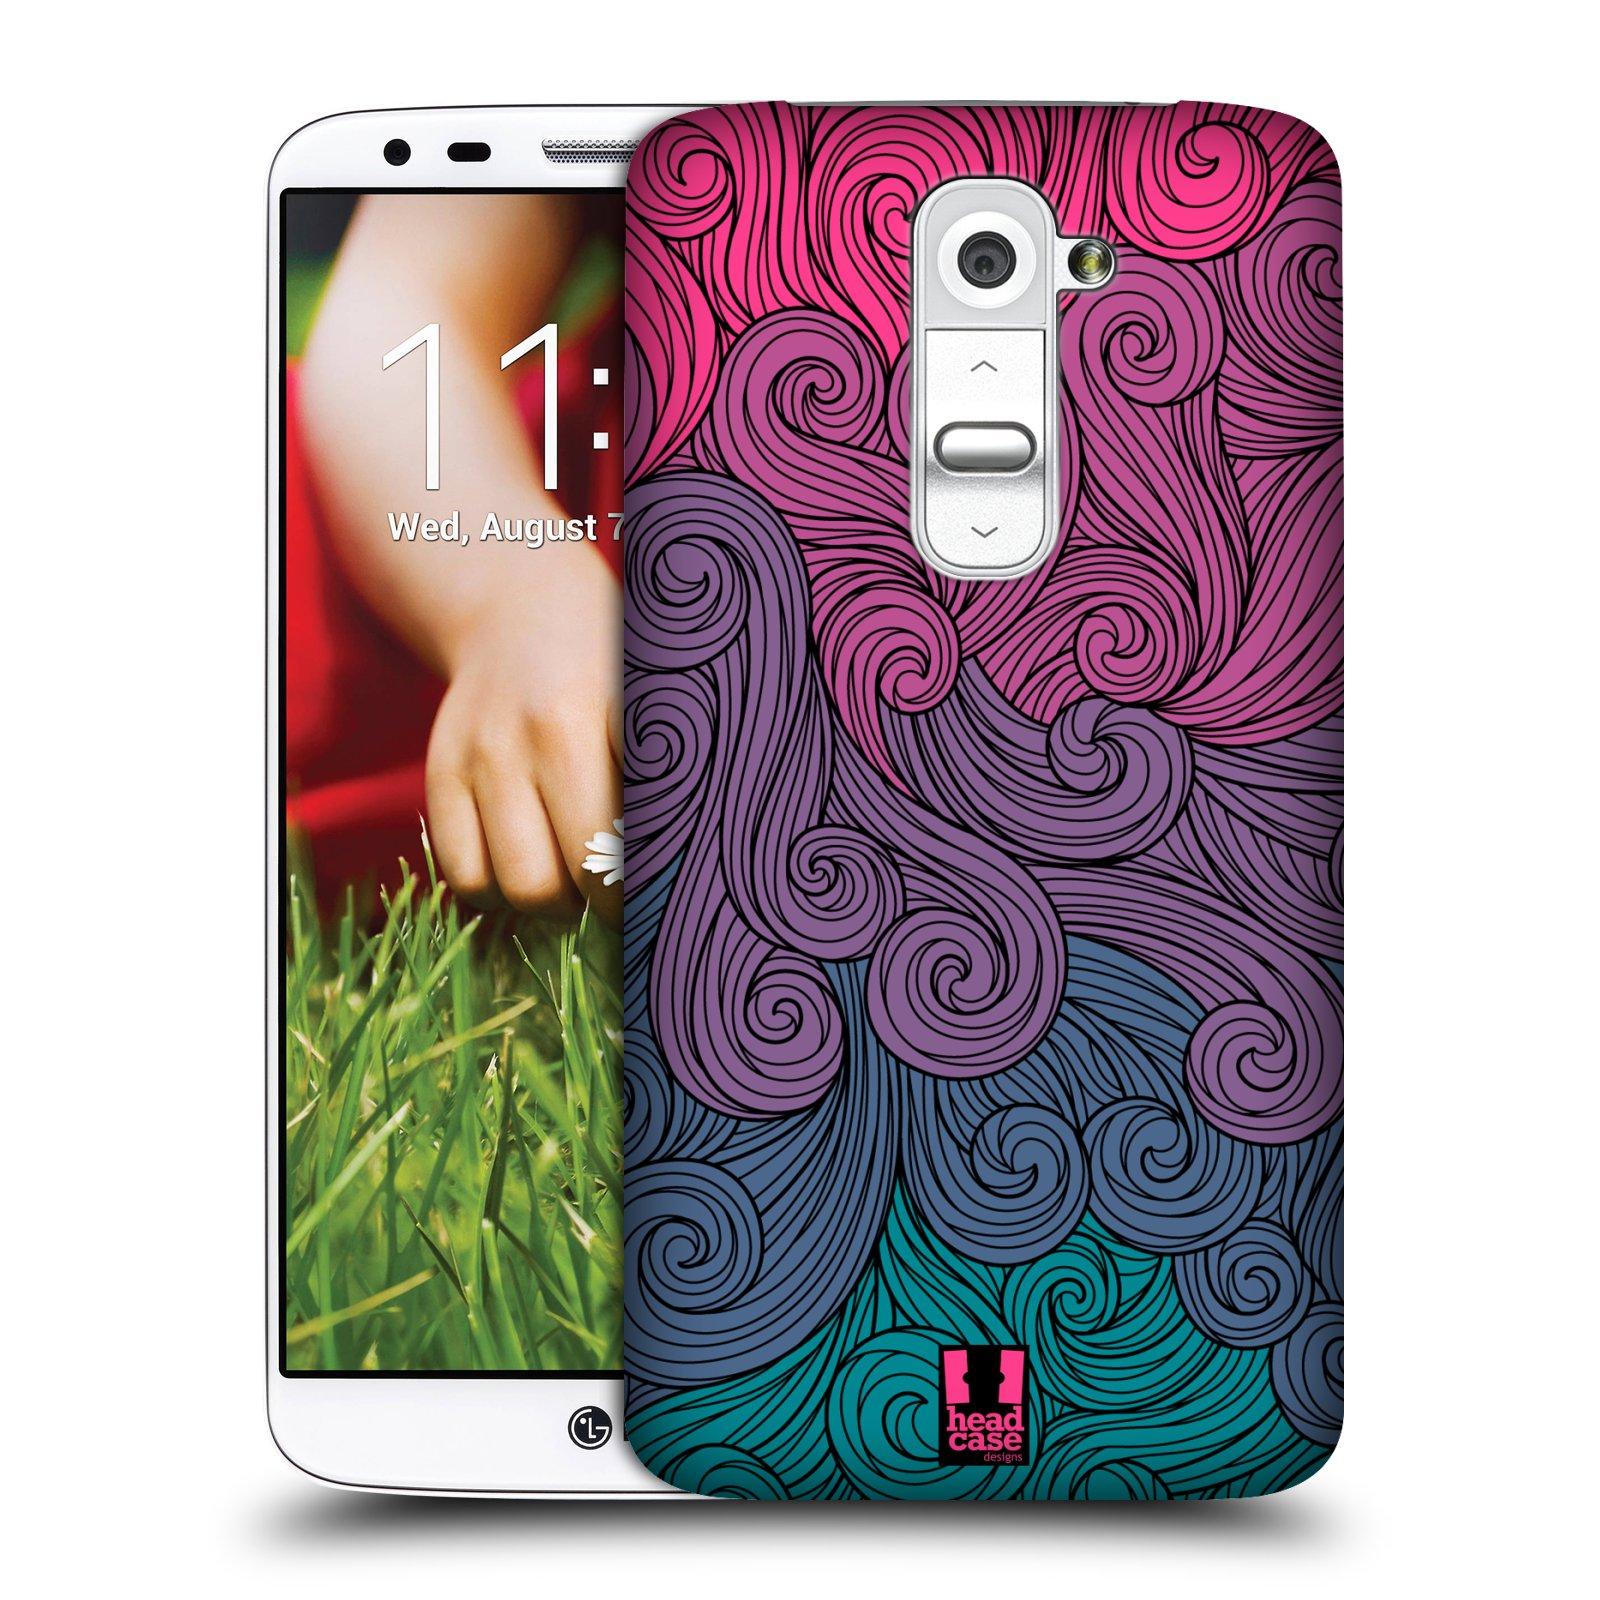 Plastové pouzdro na mobil LG G2 HEAD CASE Swirls Hot Pink (Kryt či obal na mobilní telefon LG G2)